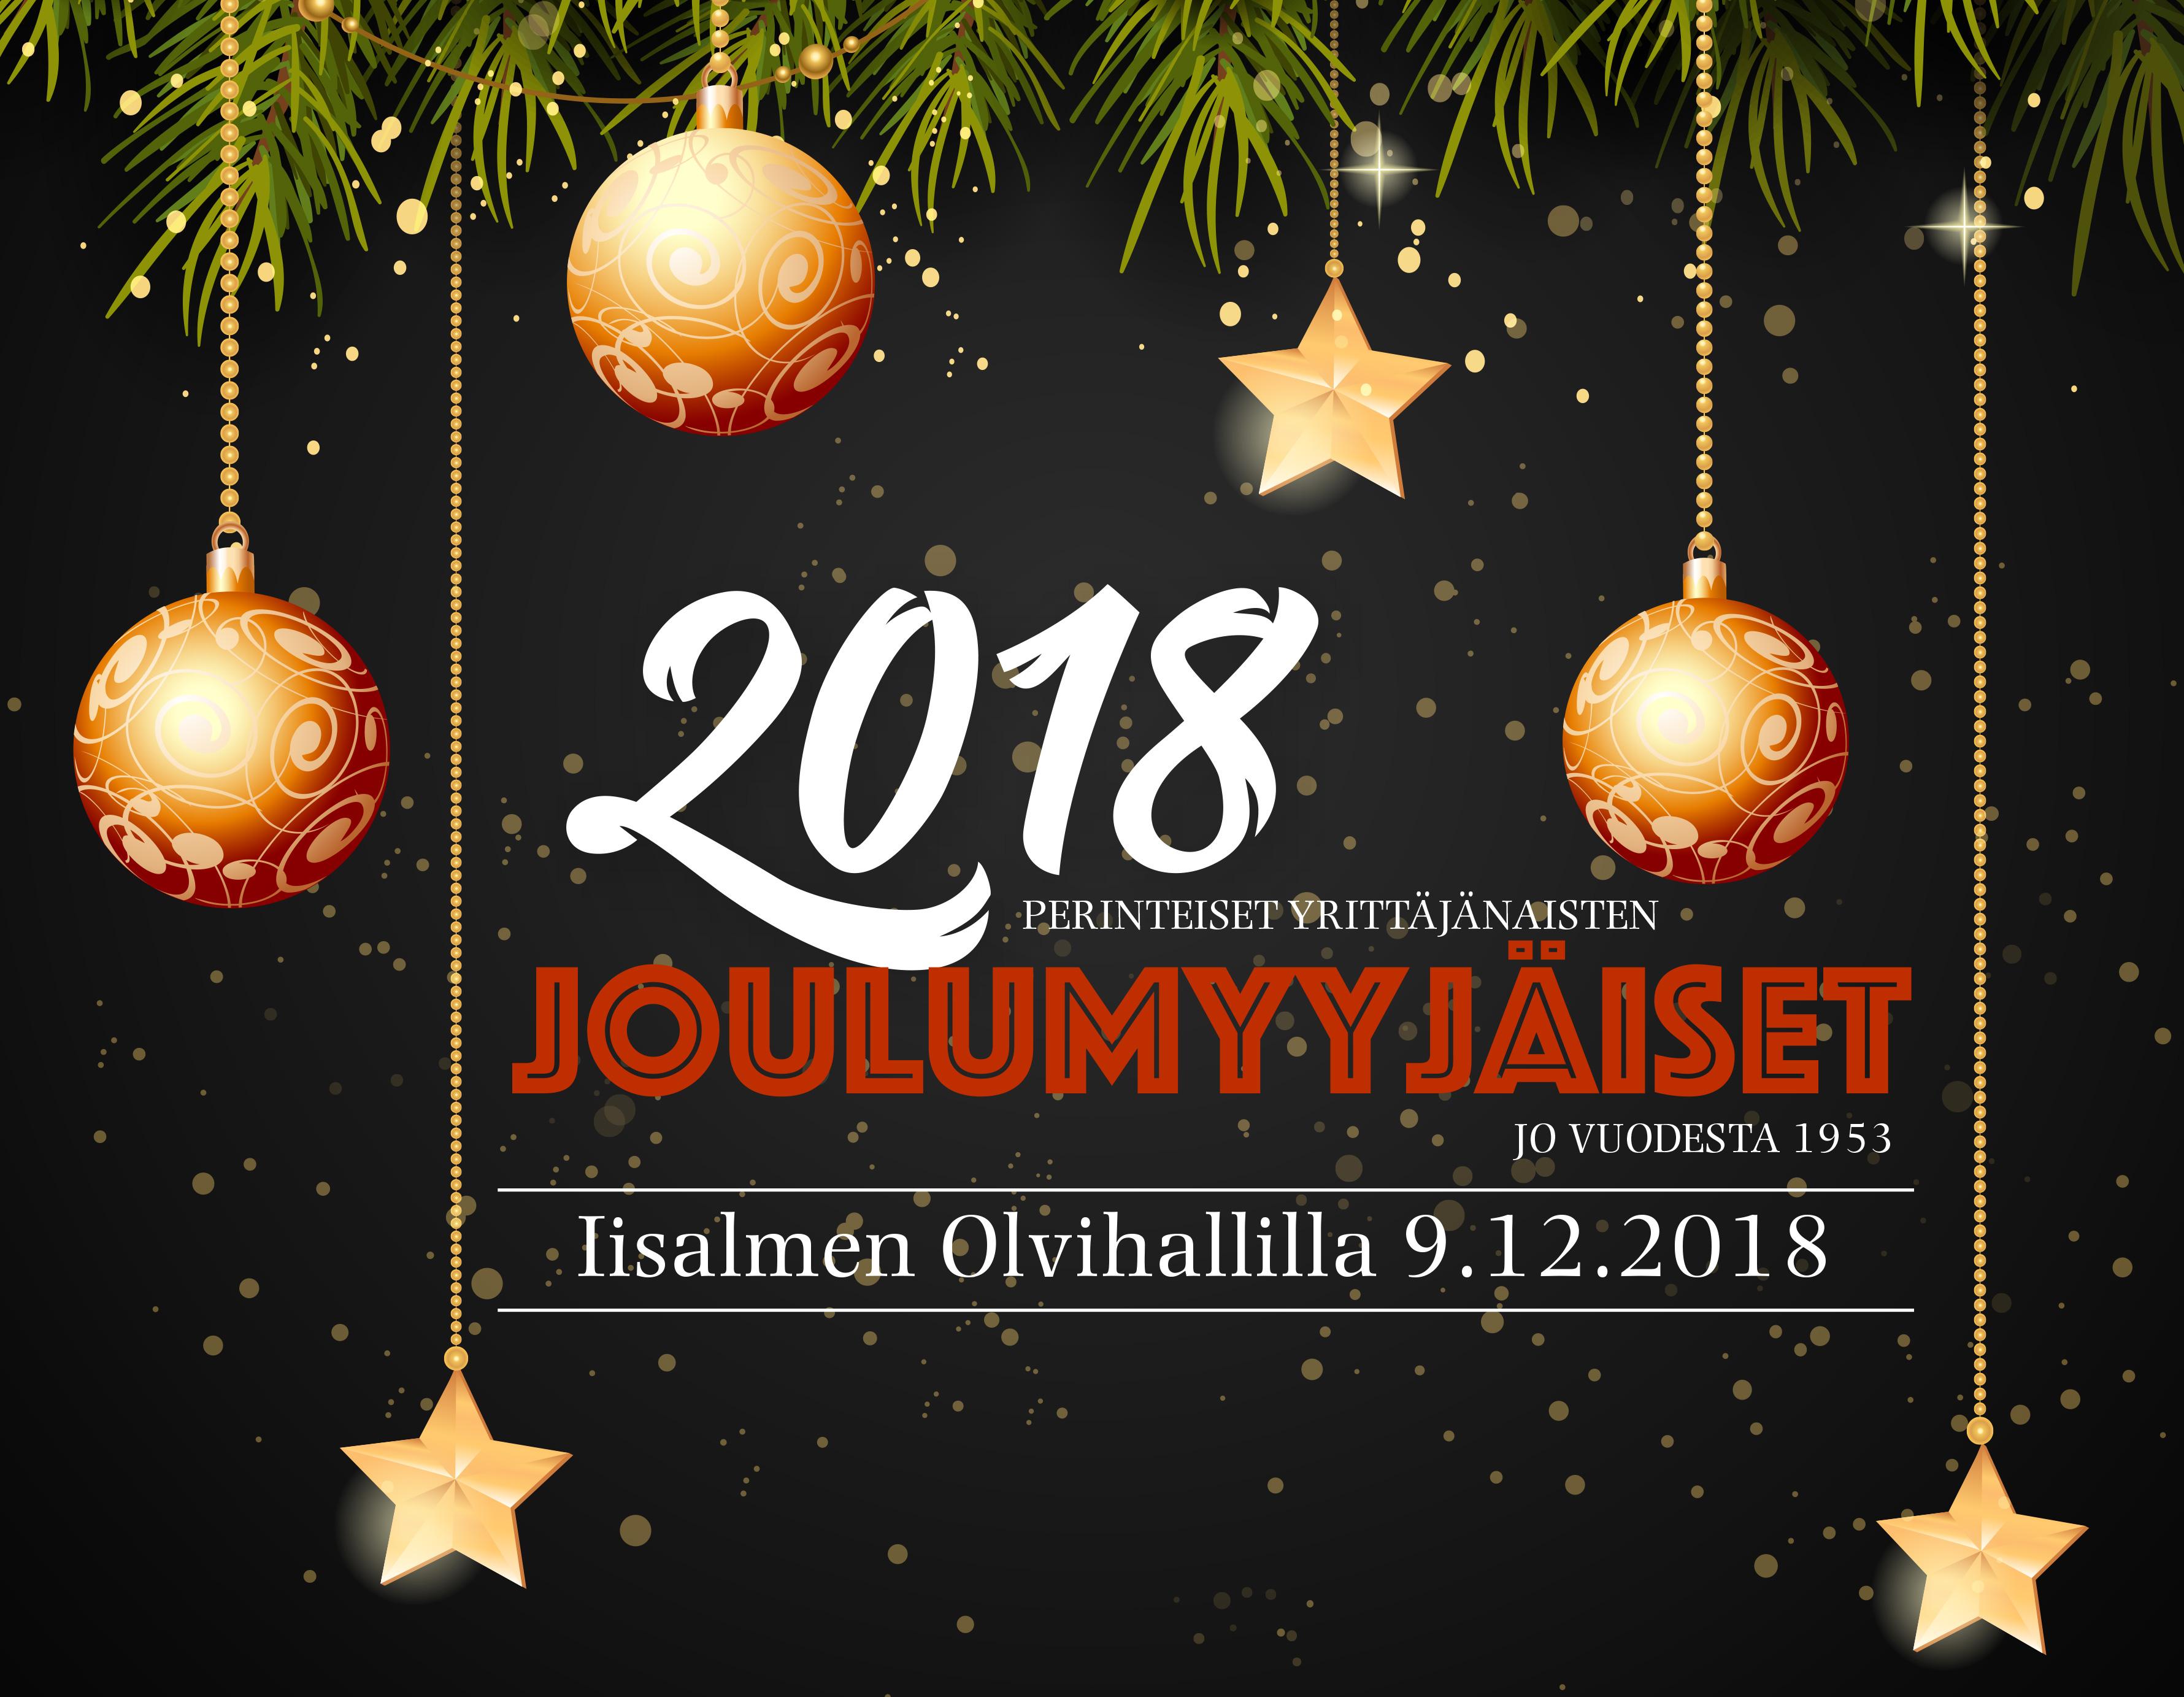 joulumyyjäiset 2018 Perinteiset Yrittäjänaisten Joulumyyjäiset 2018 joulumyyjäiset 2018